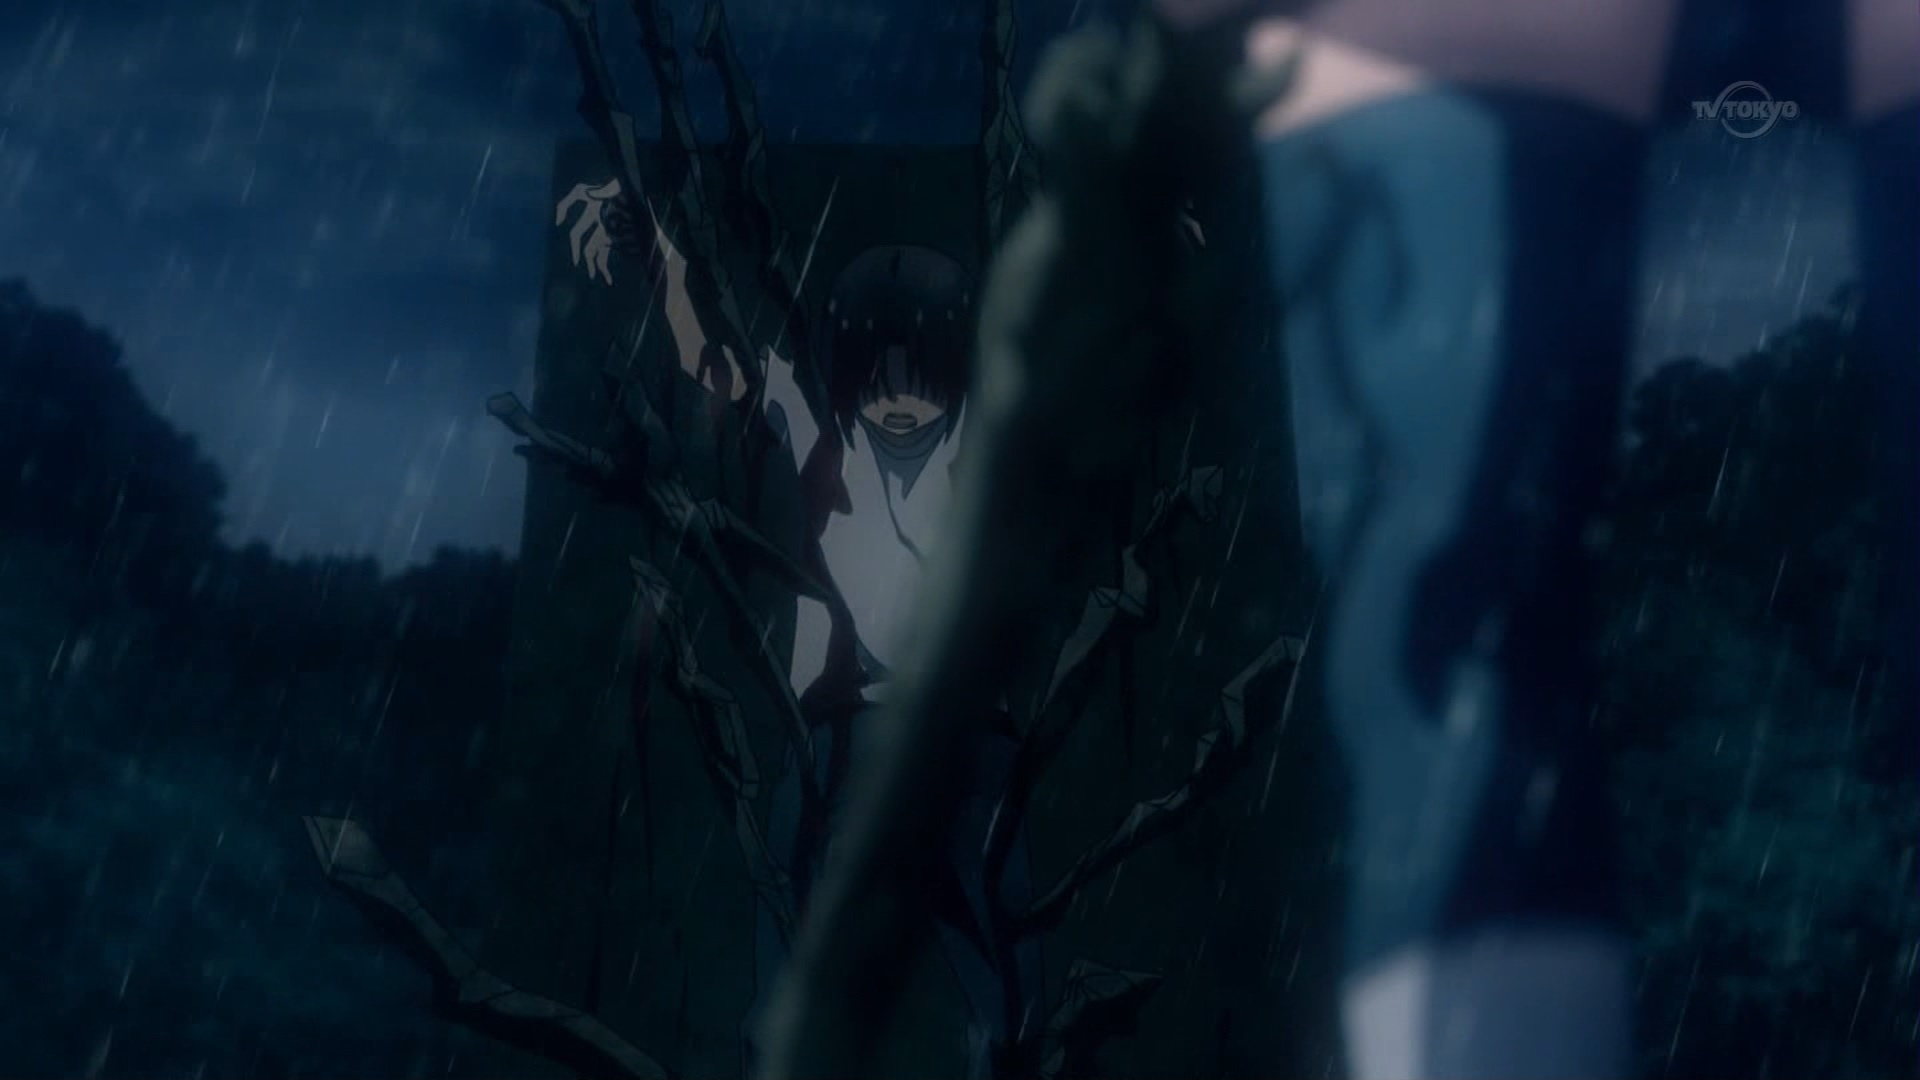 アリヤに拷問されるセーギ